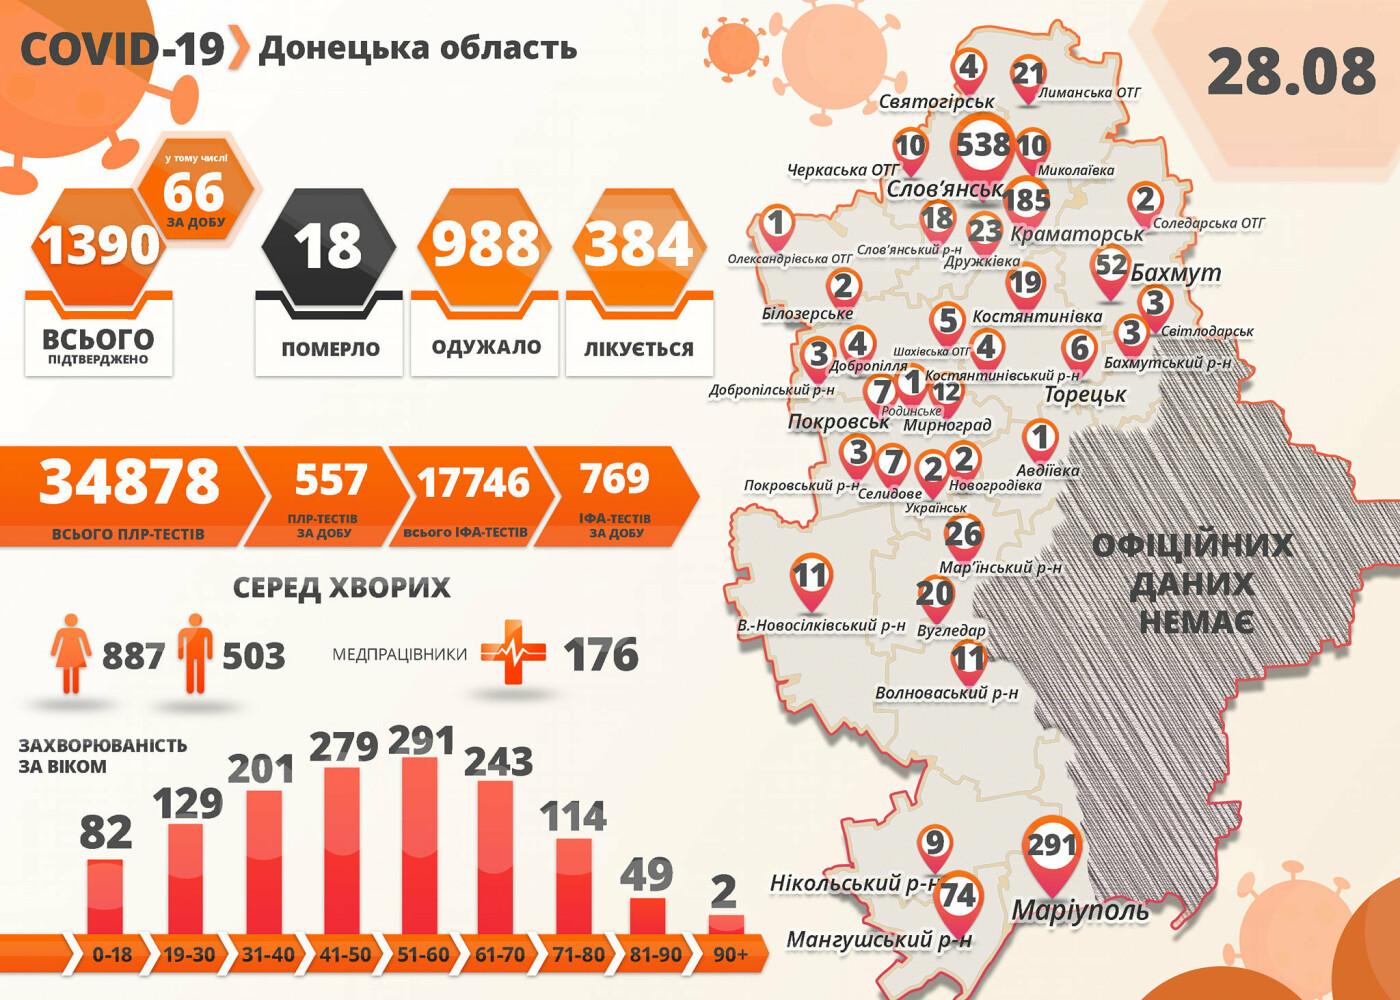 В Донецкой области 66 новых случаев коронавируса, фото-1